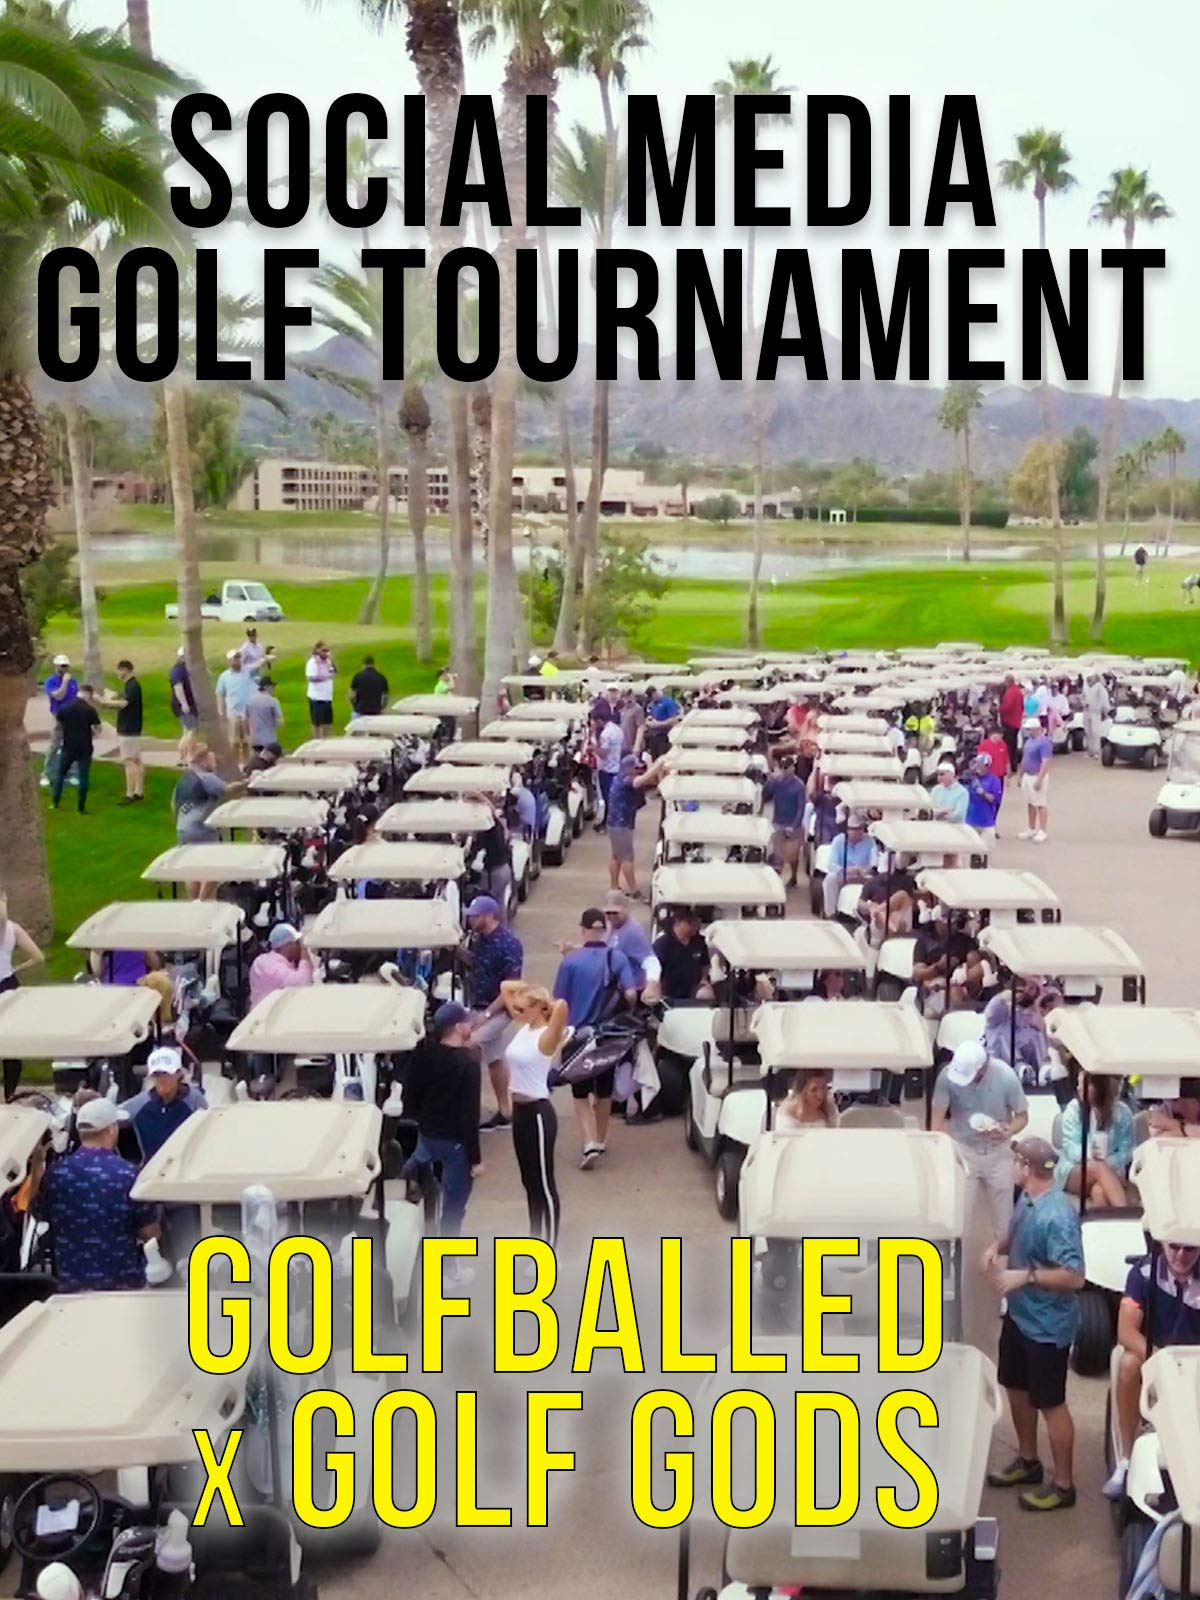 Clip: Social Media Golf Tournament